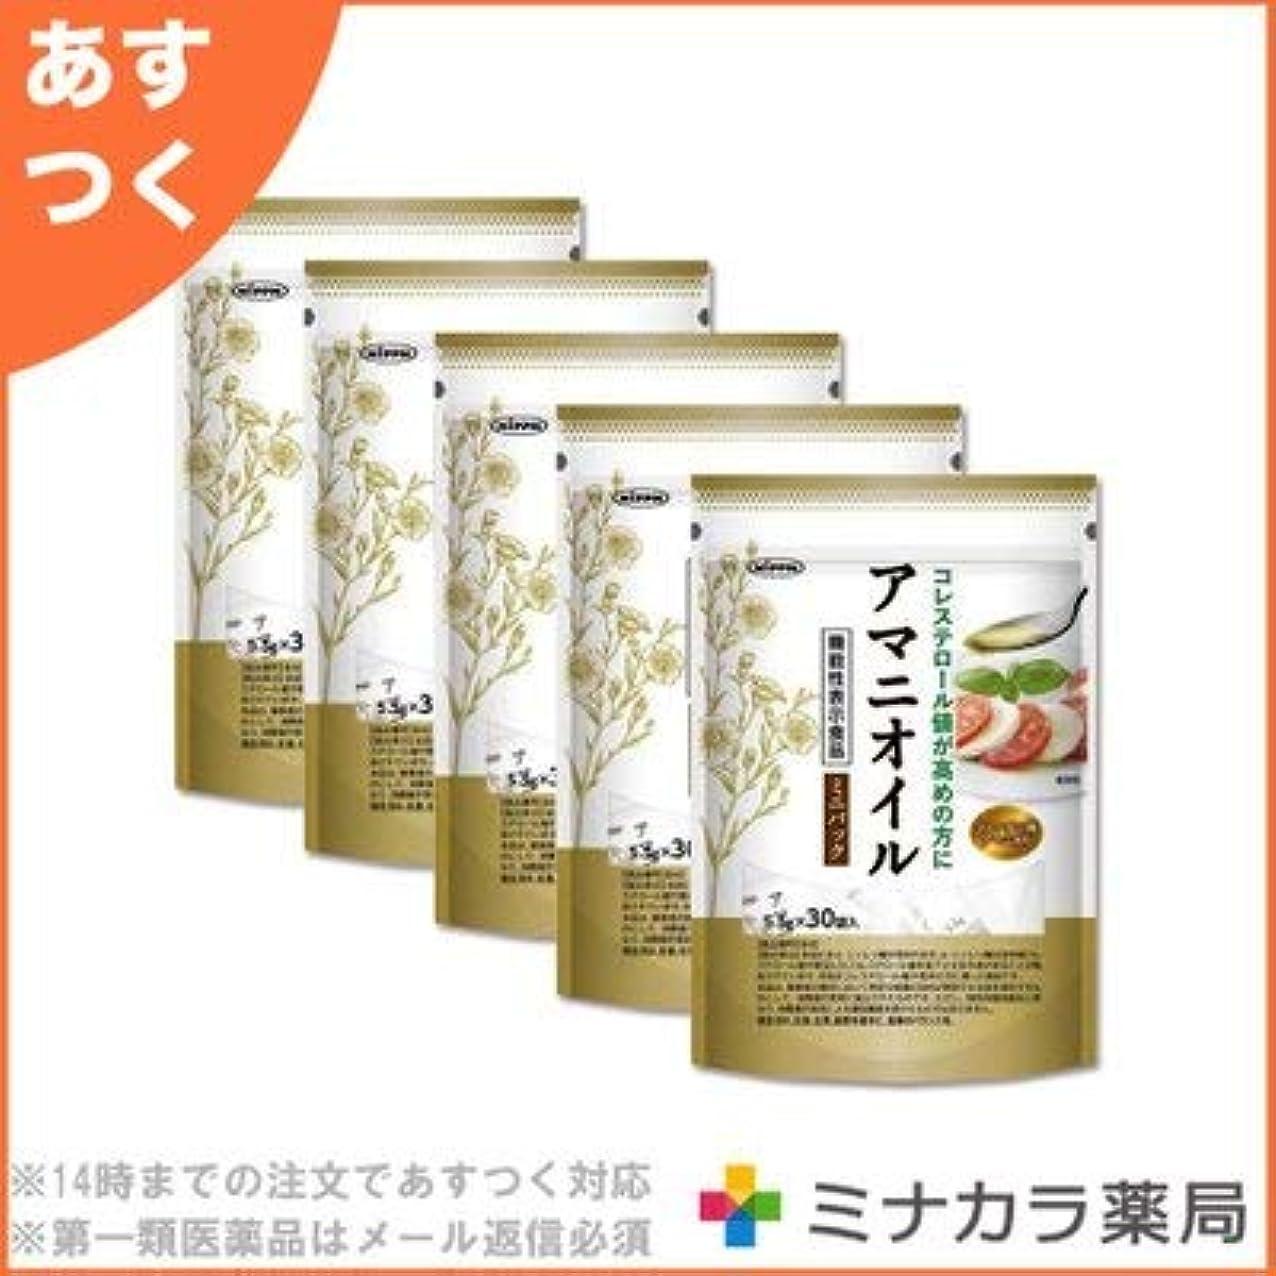 自伝徒歩でする必要がある日本製粉 アマニオイル ミニパック 5.5g×30 (機能性表示食品)×5個セット